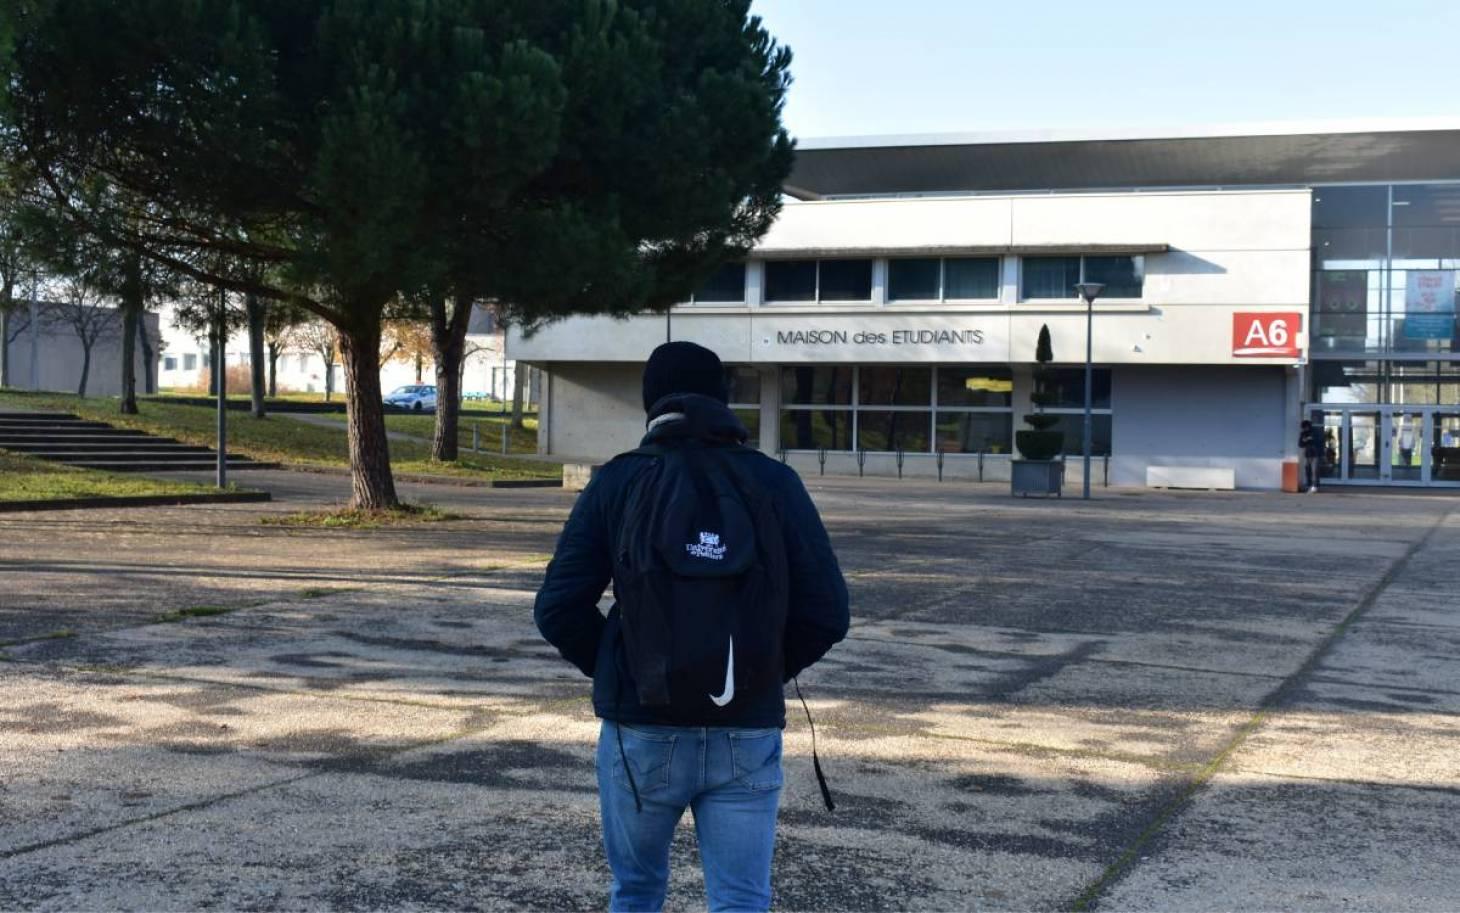 Poitiers/Etudiants : à distance malgré eux